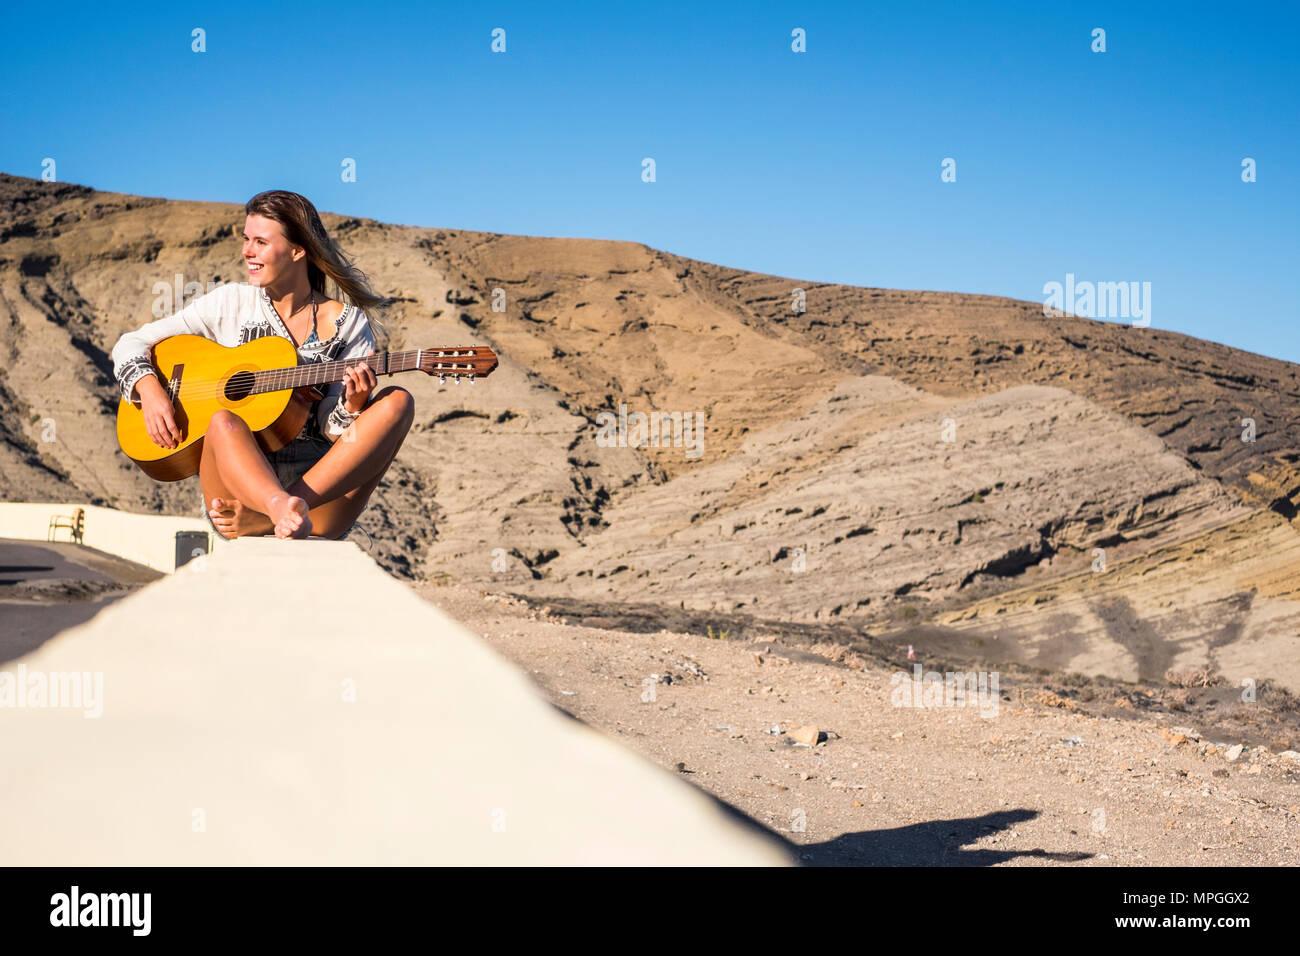 """""""Frío"""" y el concepto de estilo de vida alternativo para la rubia modelo caucasiano exterior sonriente con montañas en el fondo y tocando una vieja guitarra acústica Imagen De Stock"""